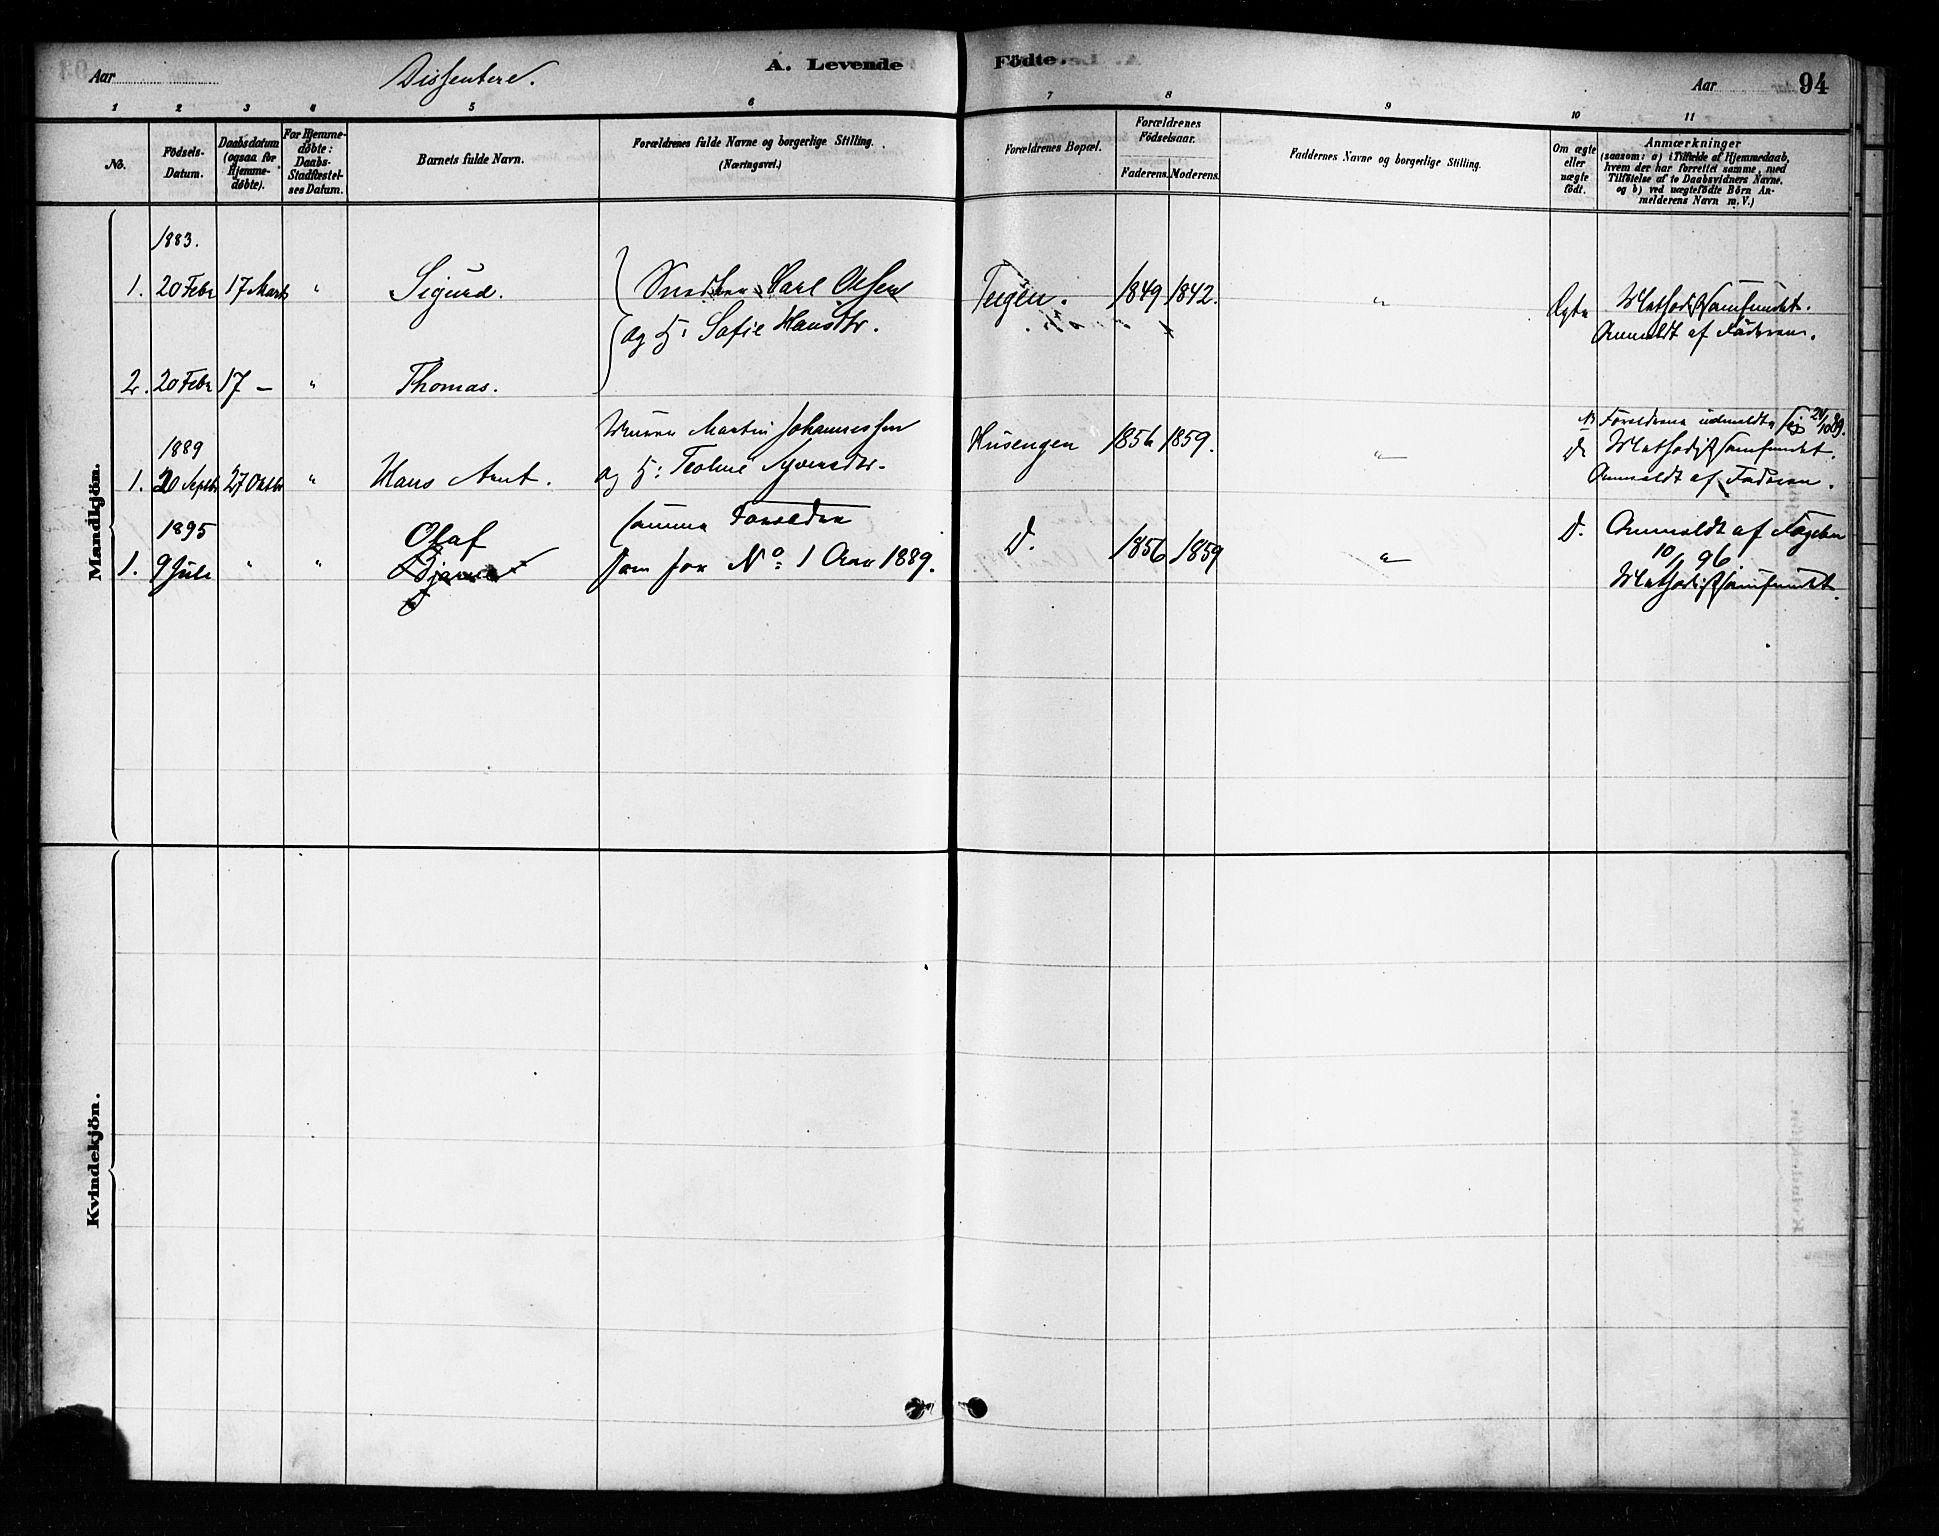 SAO, Askim prestekontor Kirkebøker, F/Fa/L0007: Ministerialbok nr. 7, 1882-1897, s. 94